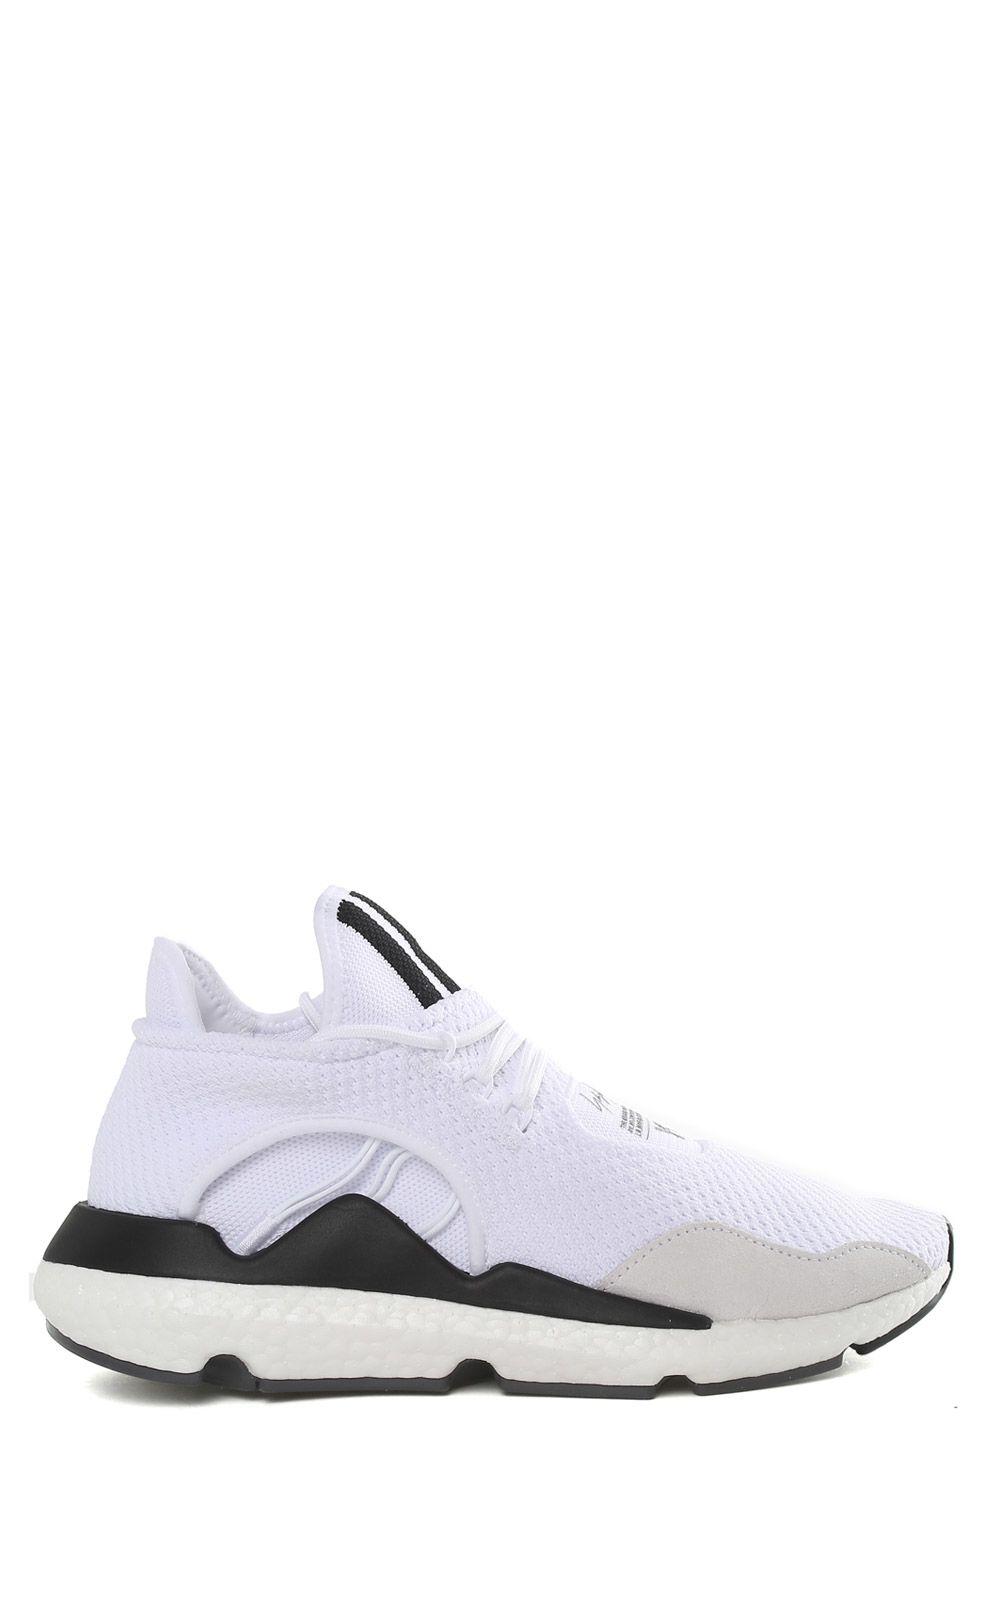 y-3 -  Saikou Primeknit Sneakers